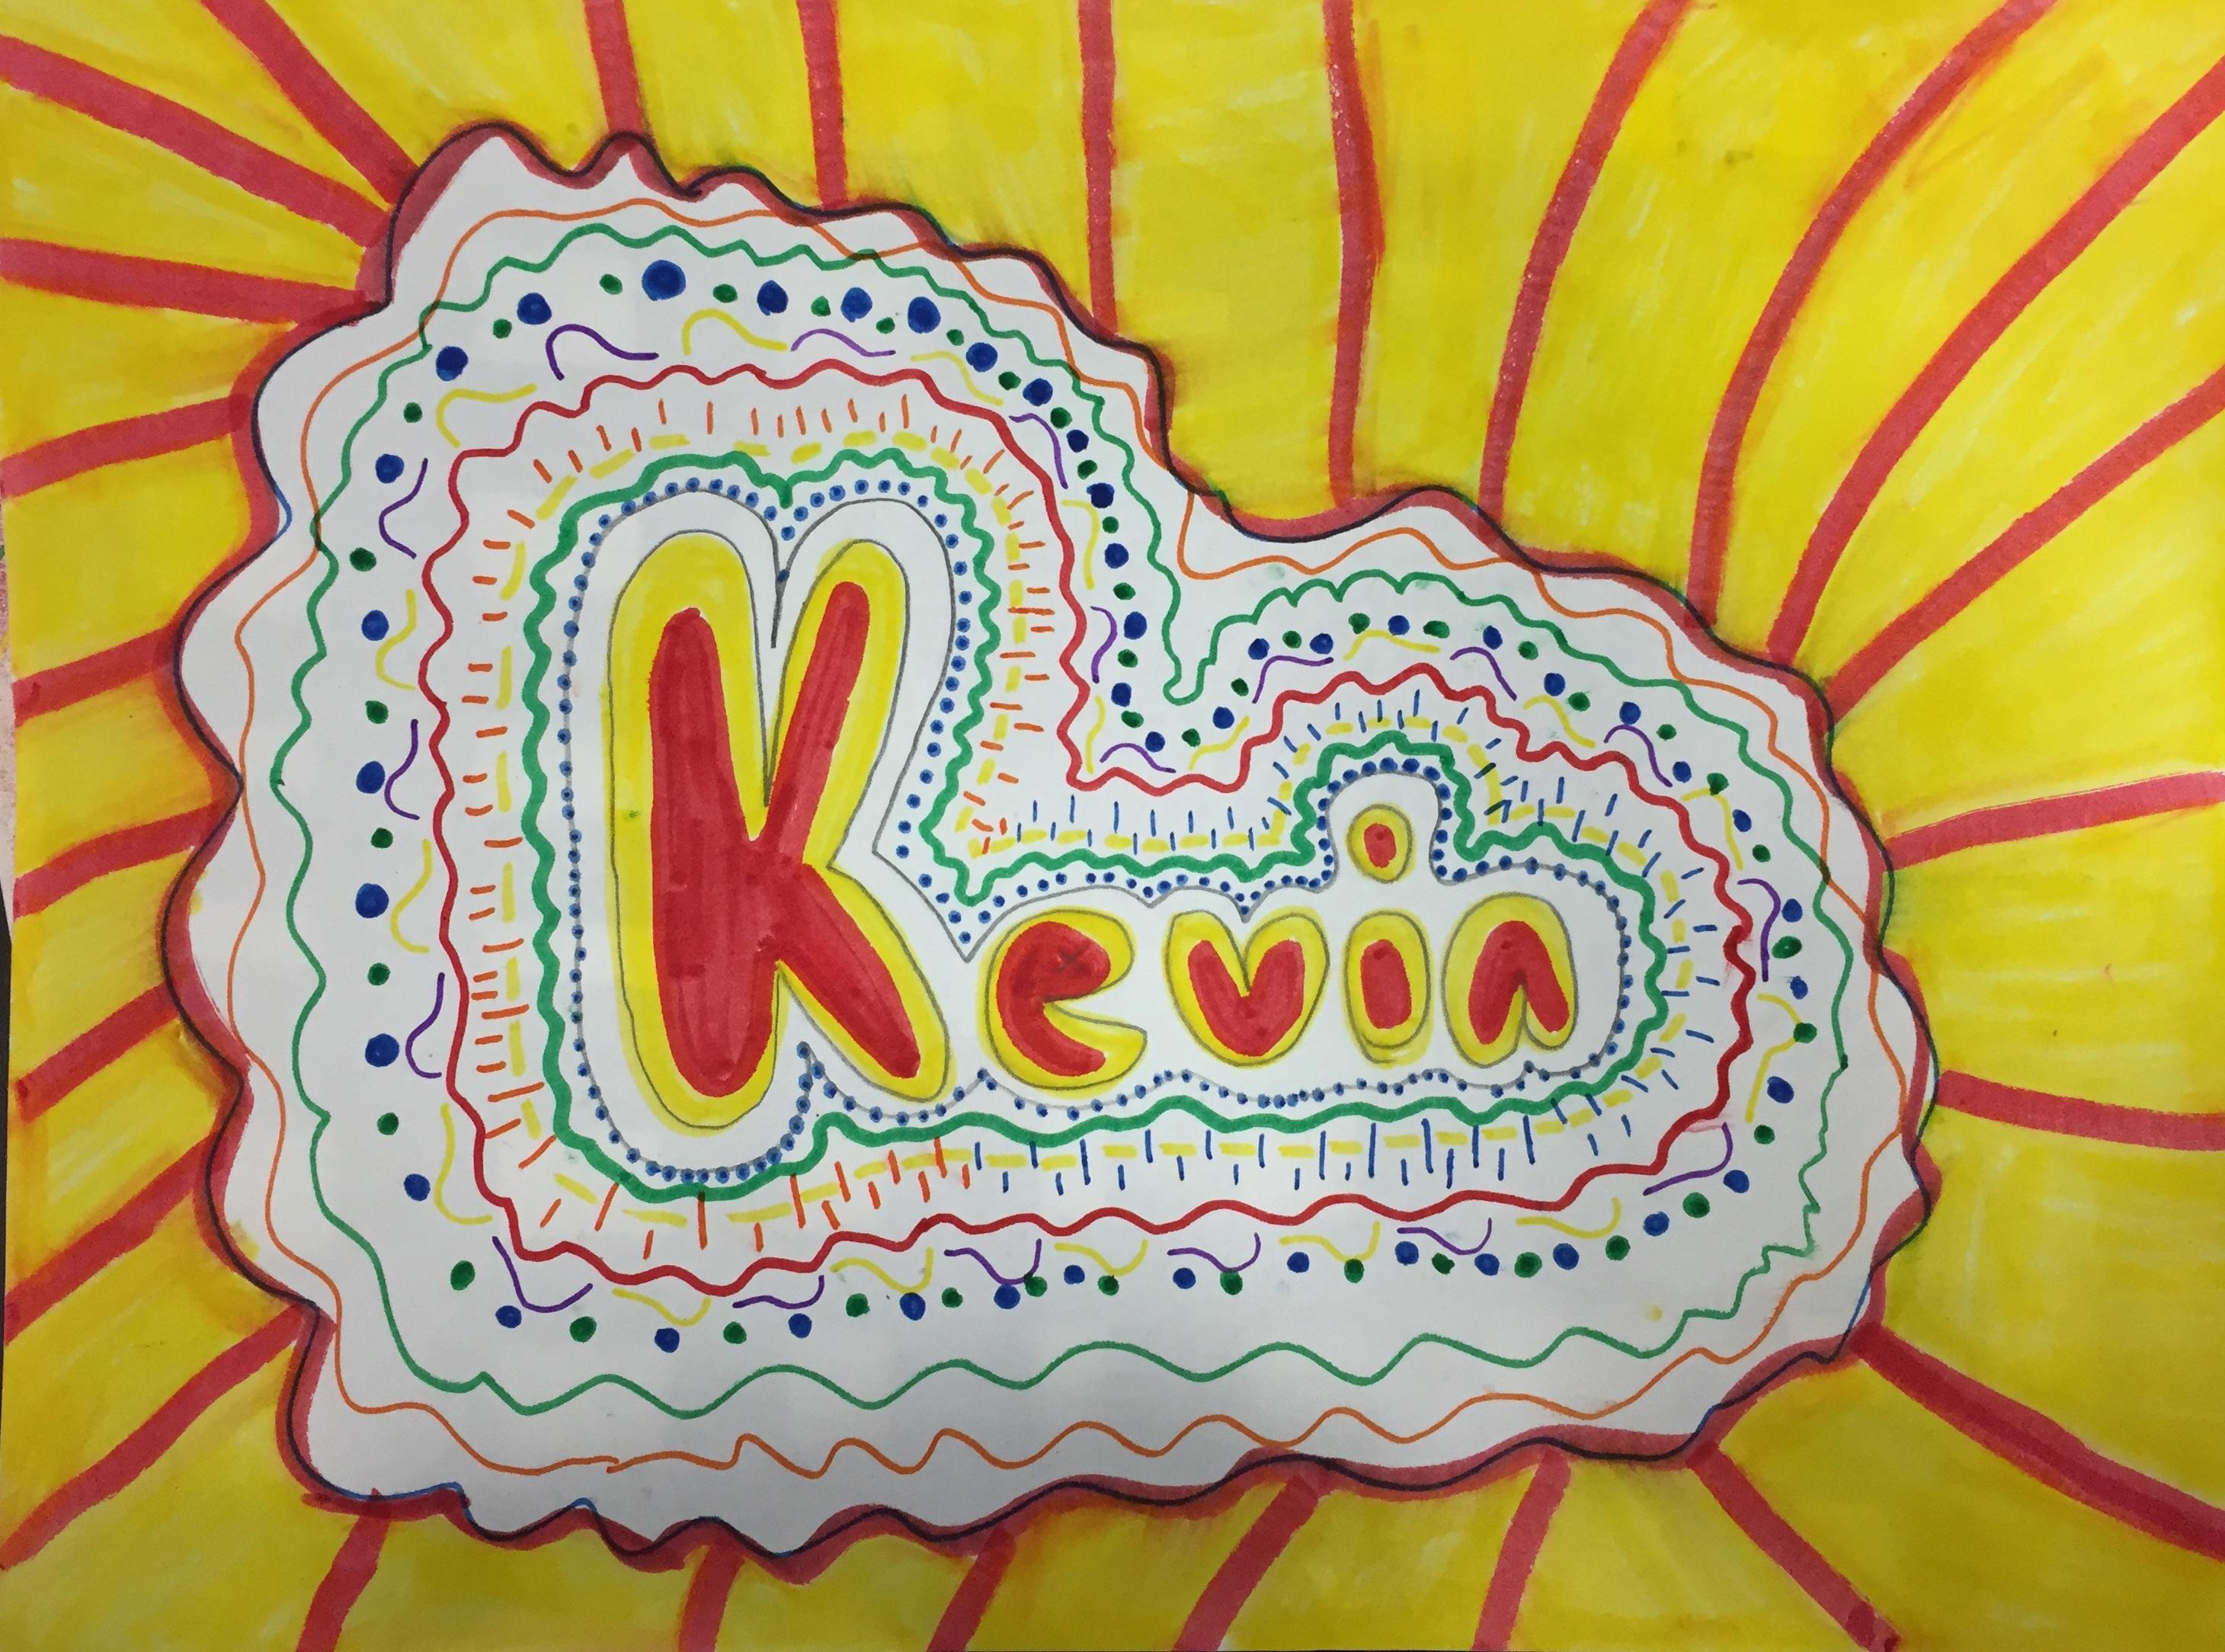 Aguero-Calvario, Kevin 4th Grade